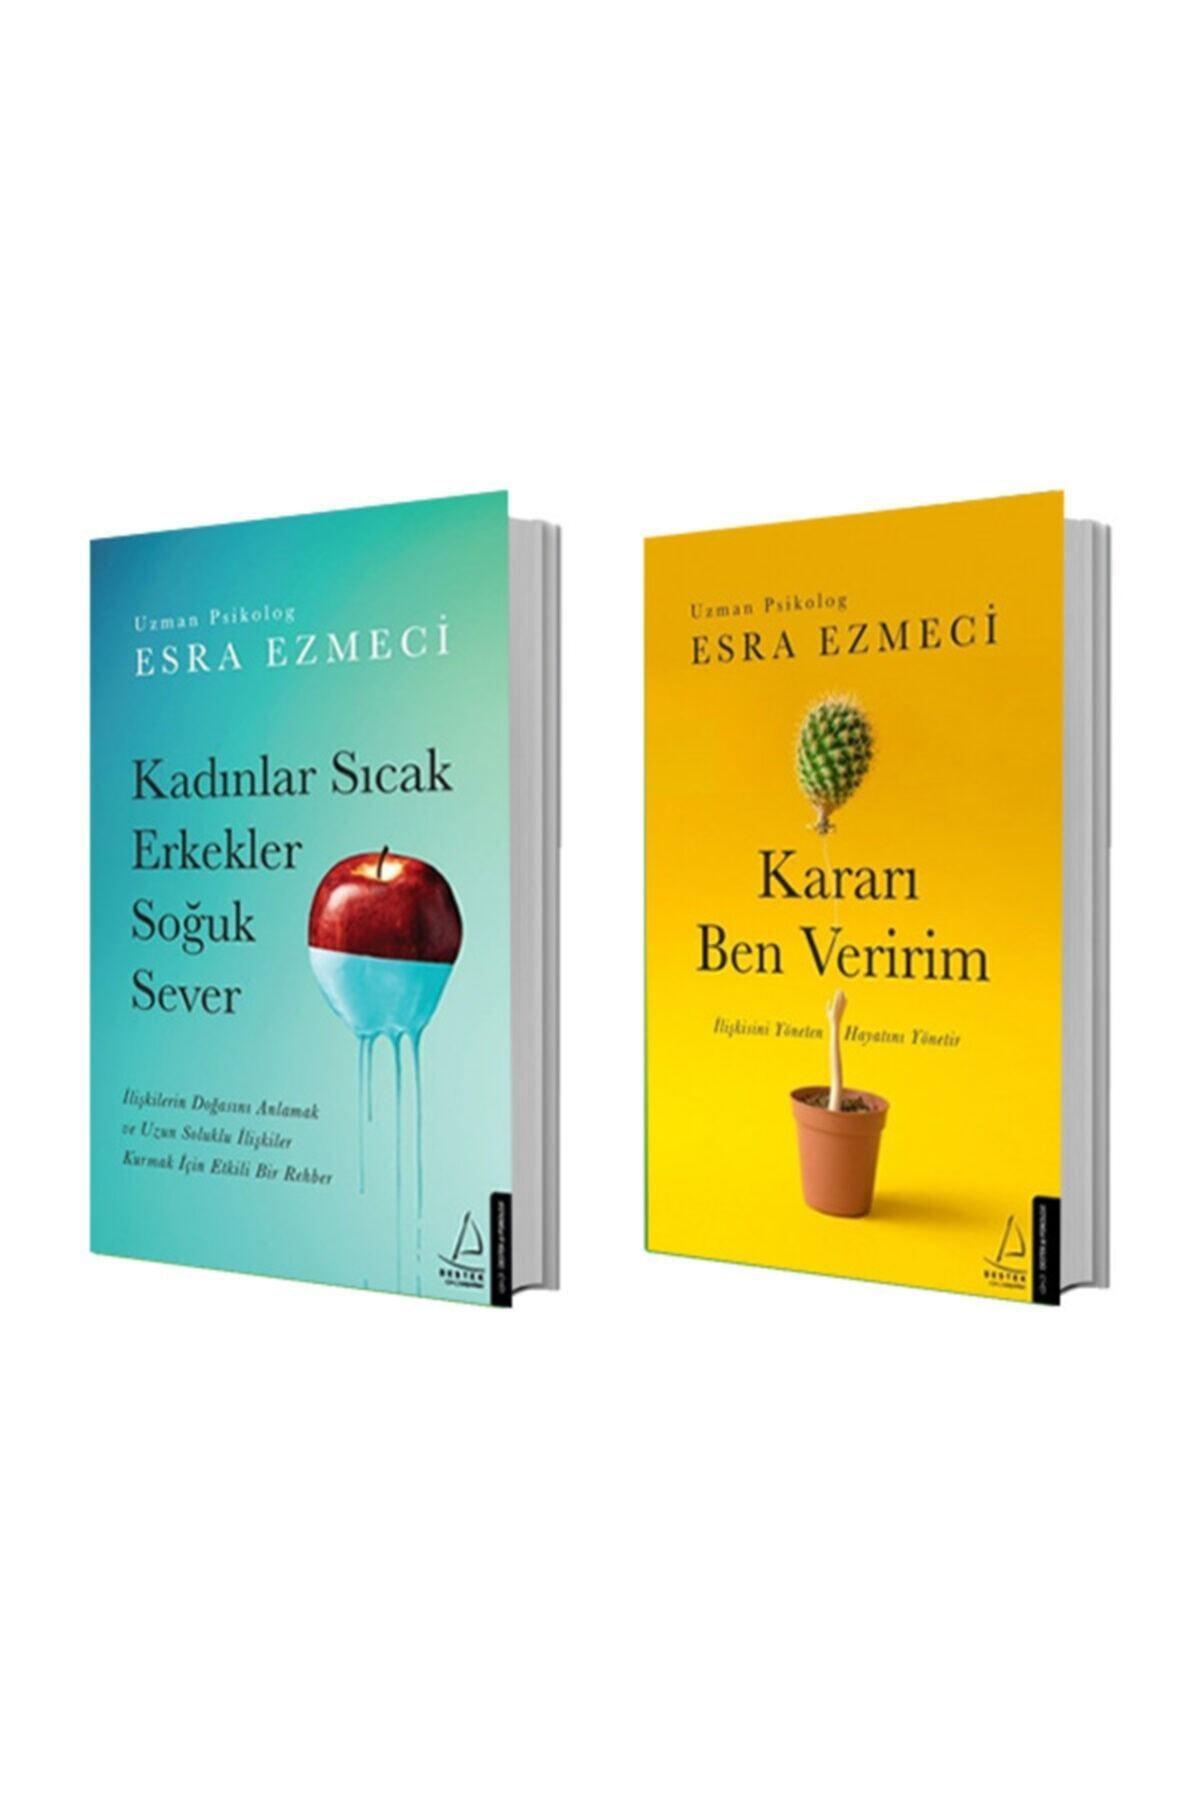 Destek Yayınları Kadınlar Sıcak Erkekler Soğuk Sever + Kararı Ben Veririm - Esra Ezmeci 2 Kitap Set 1